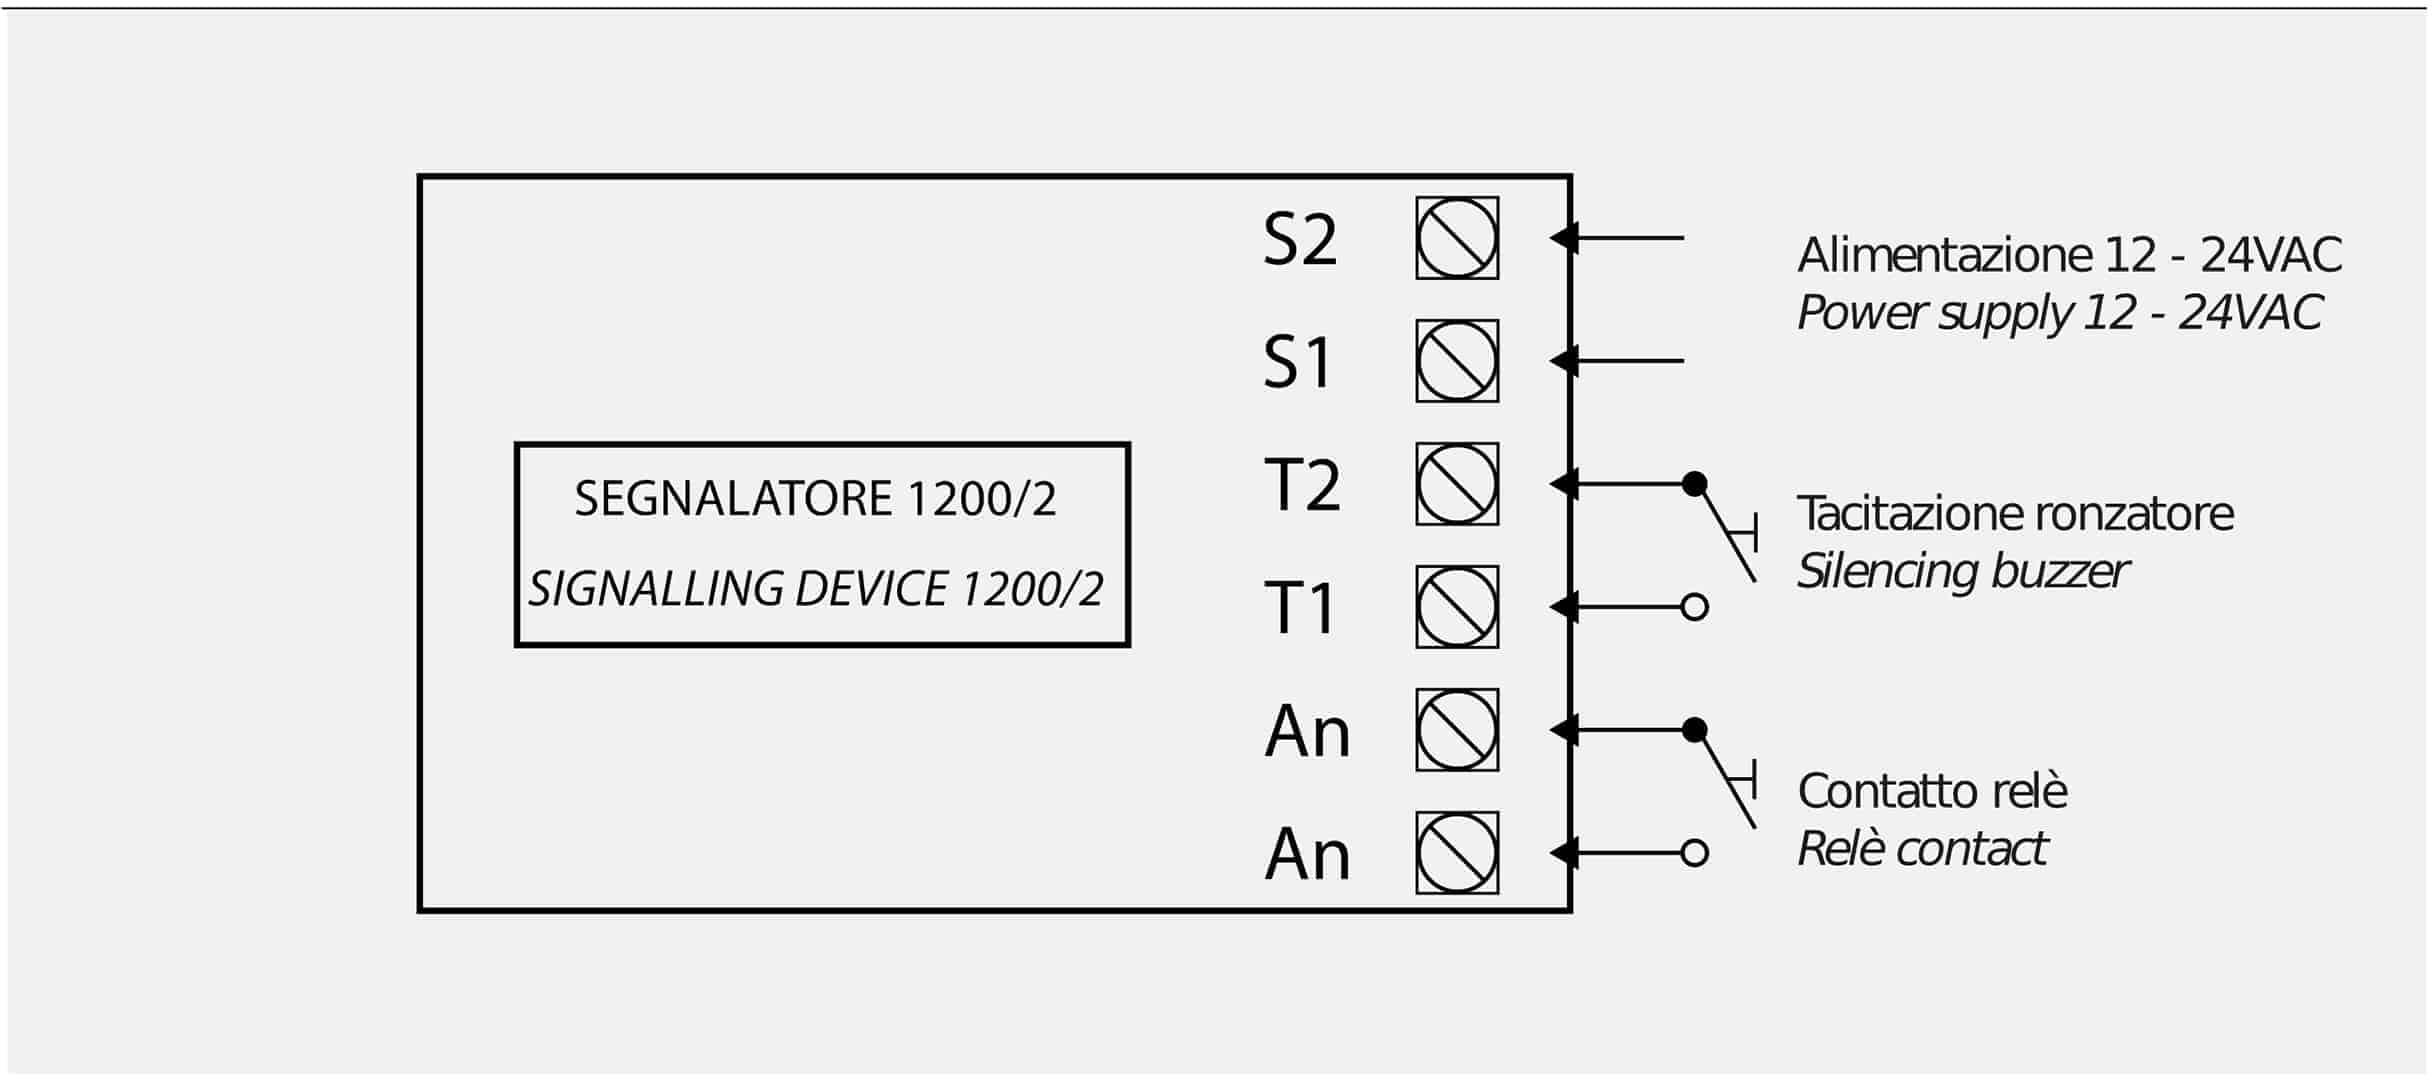 Schema Elettrico Relè : Elettrici ed elettronici di icone schema elettrico i simboli i